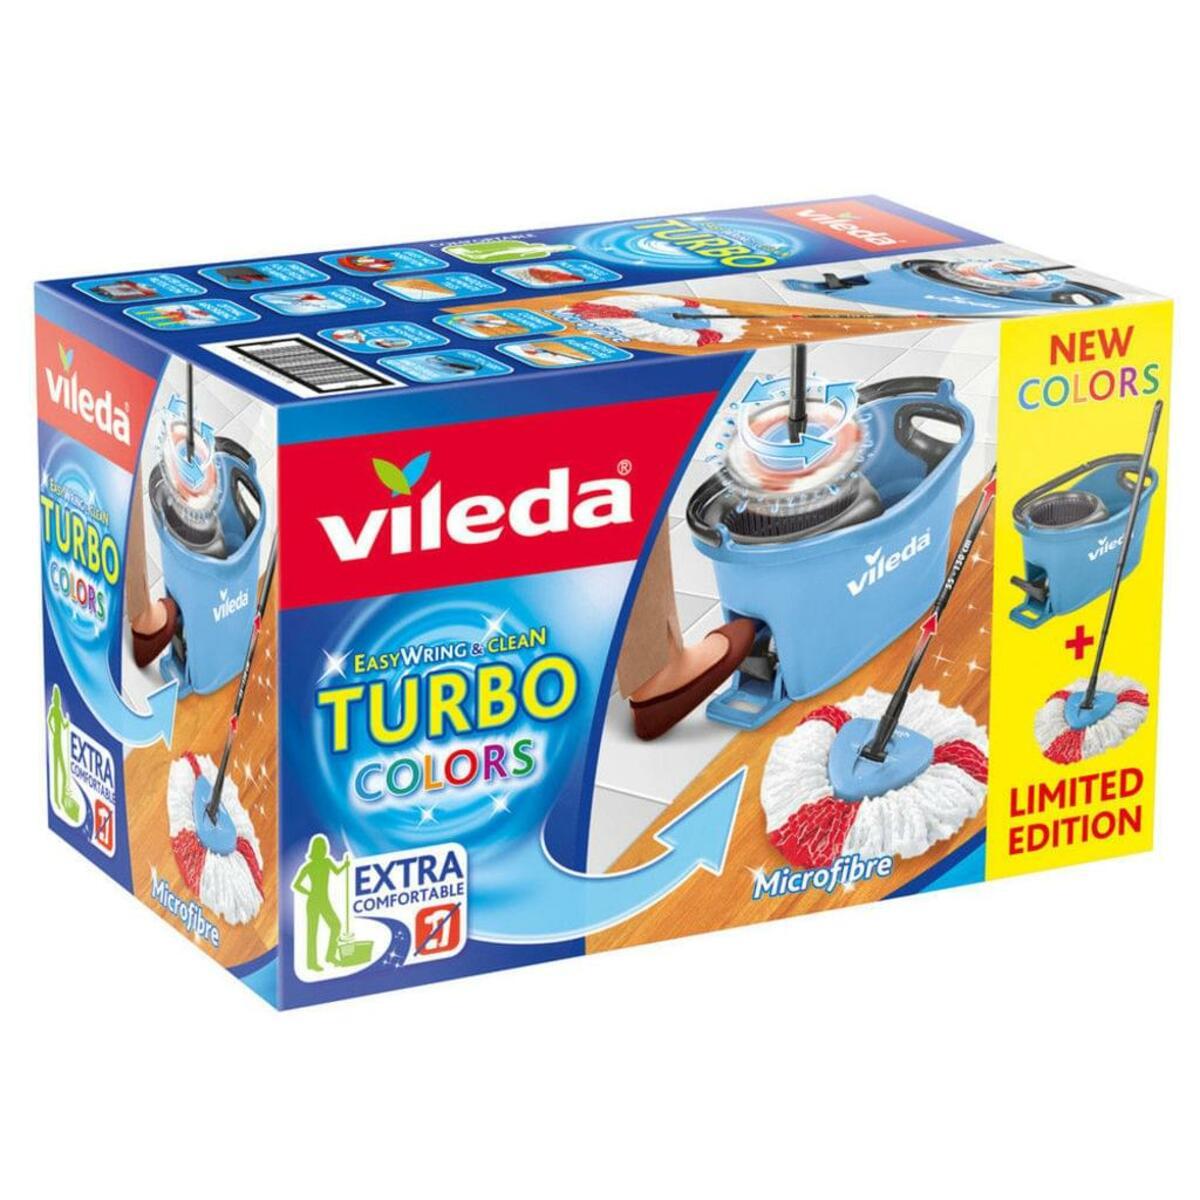 Bild 4 von Vileda Wischmop-Set Turbo Easy Wring & Clean incl. Powerschleuder und Fußpedal, Farbe Grün